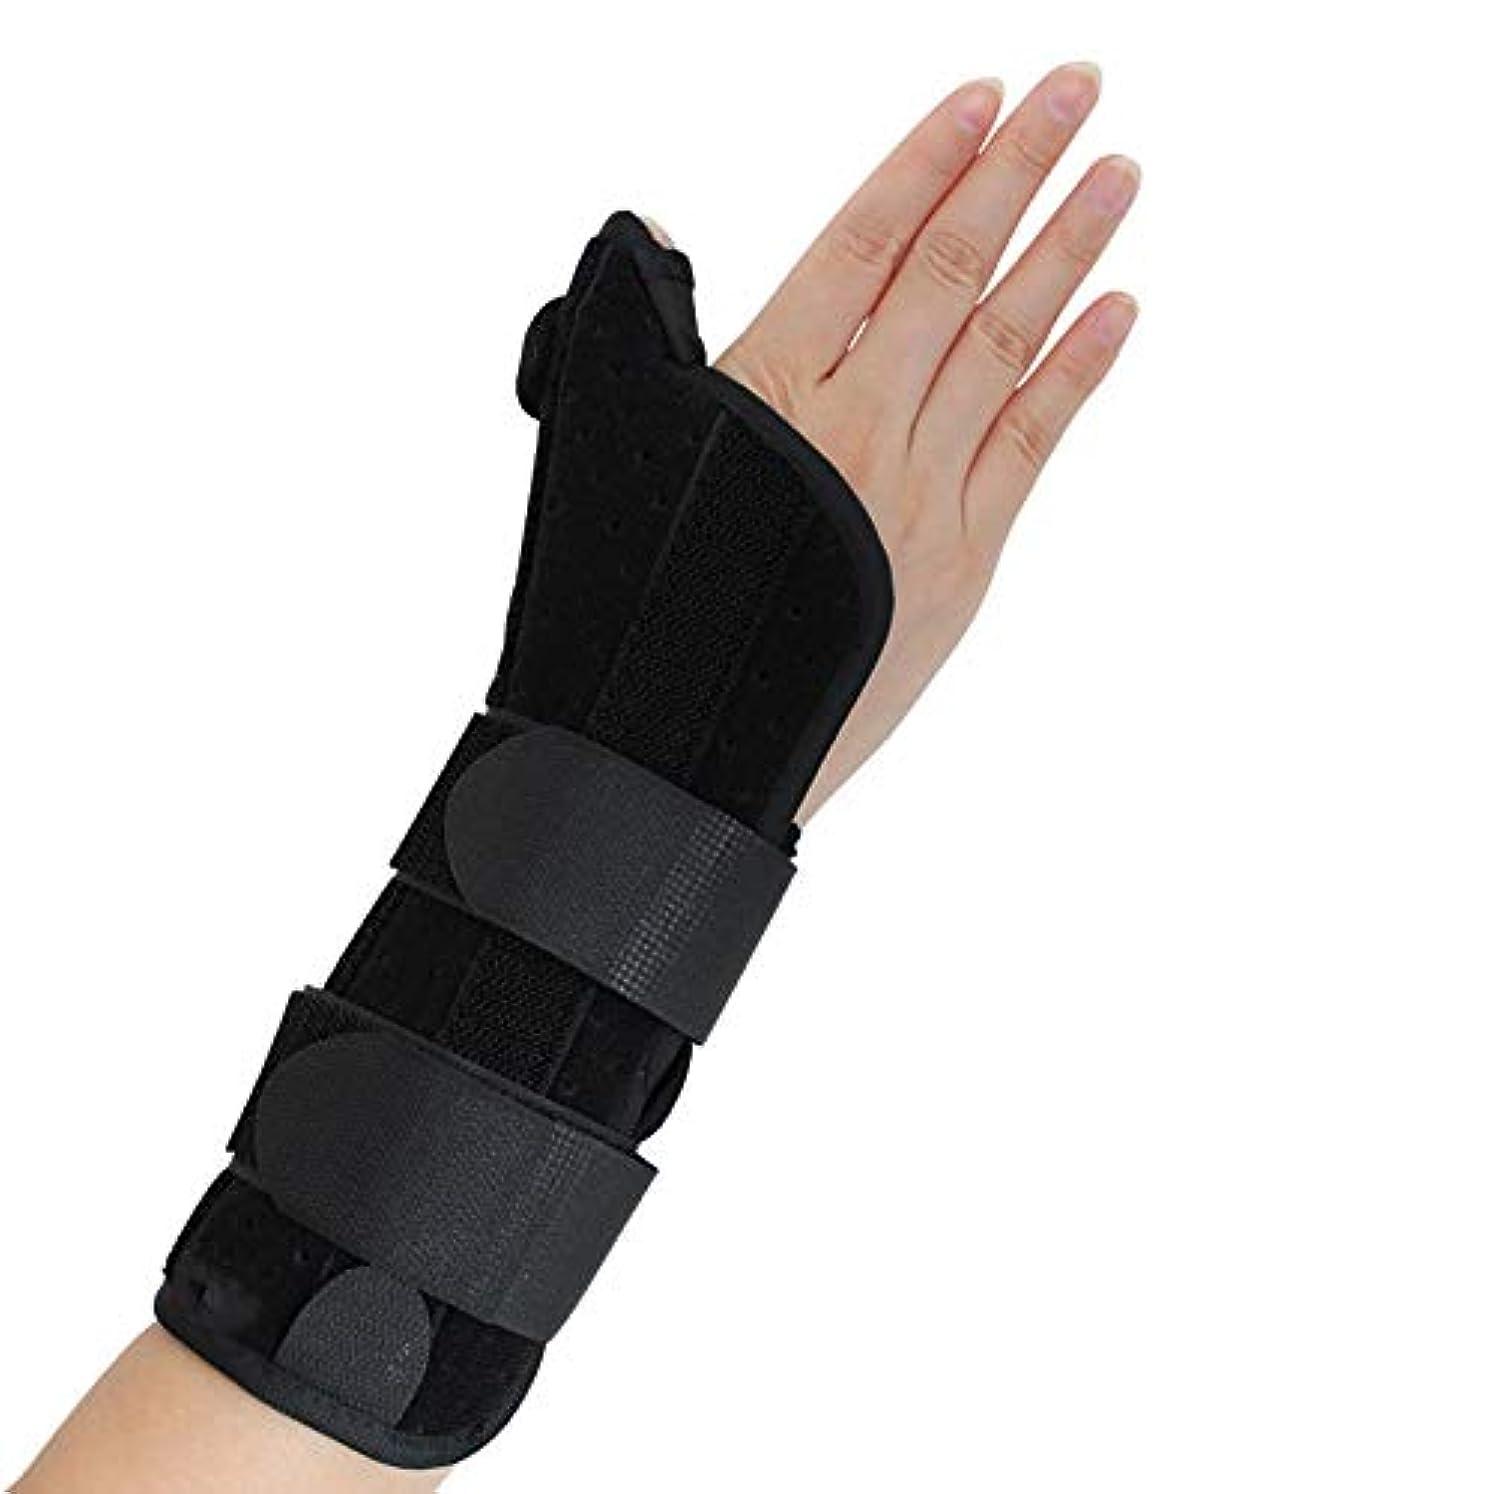 磁石ベリ静的腱鞘炎、手根管痛、腱炎、関節炎、捻rain、骨折前腕サポートキャスト用の親指スピカスプリント付き手首装具,M